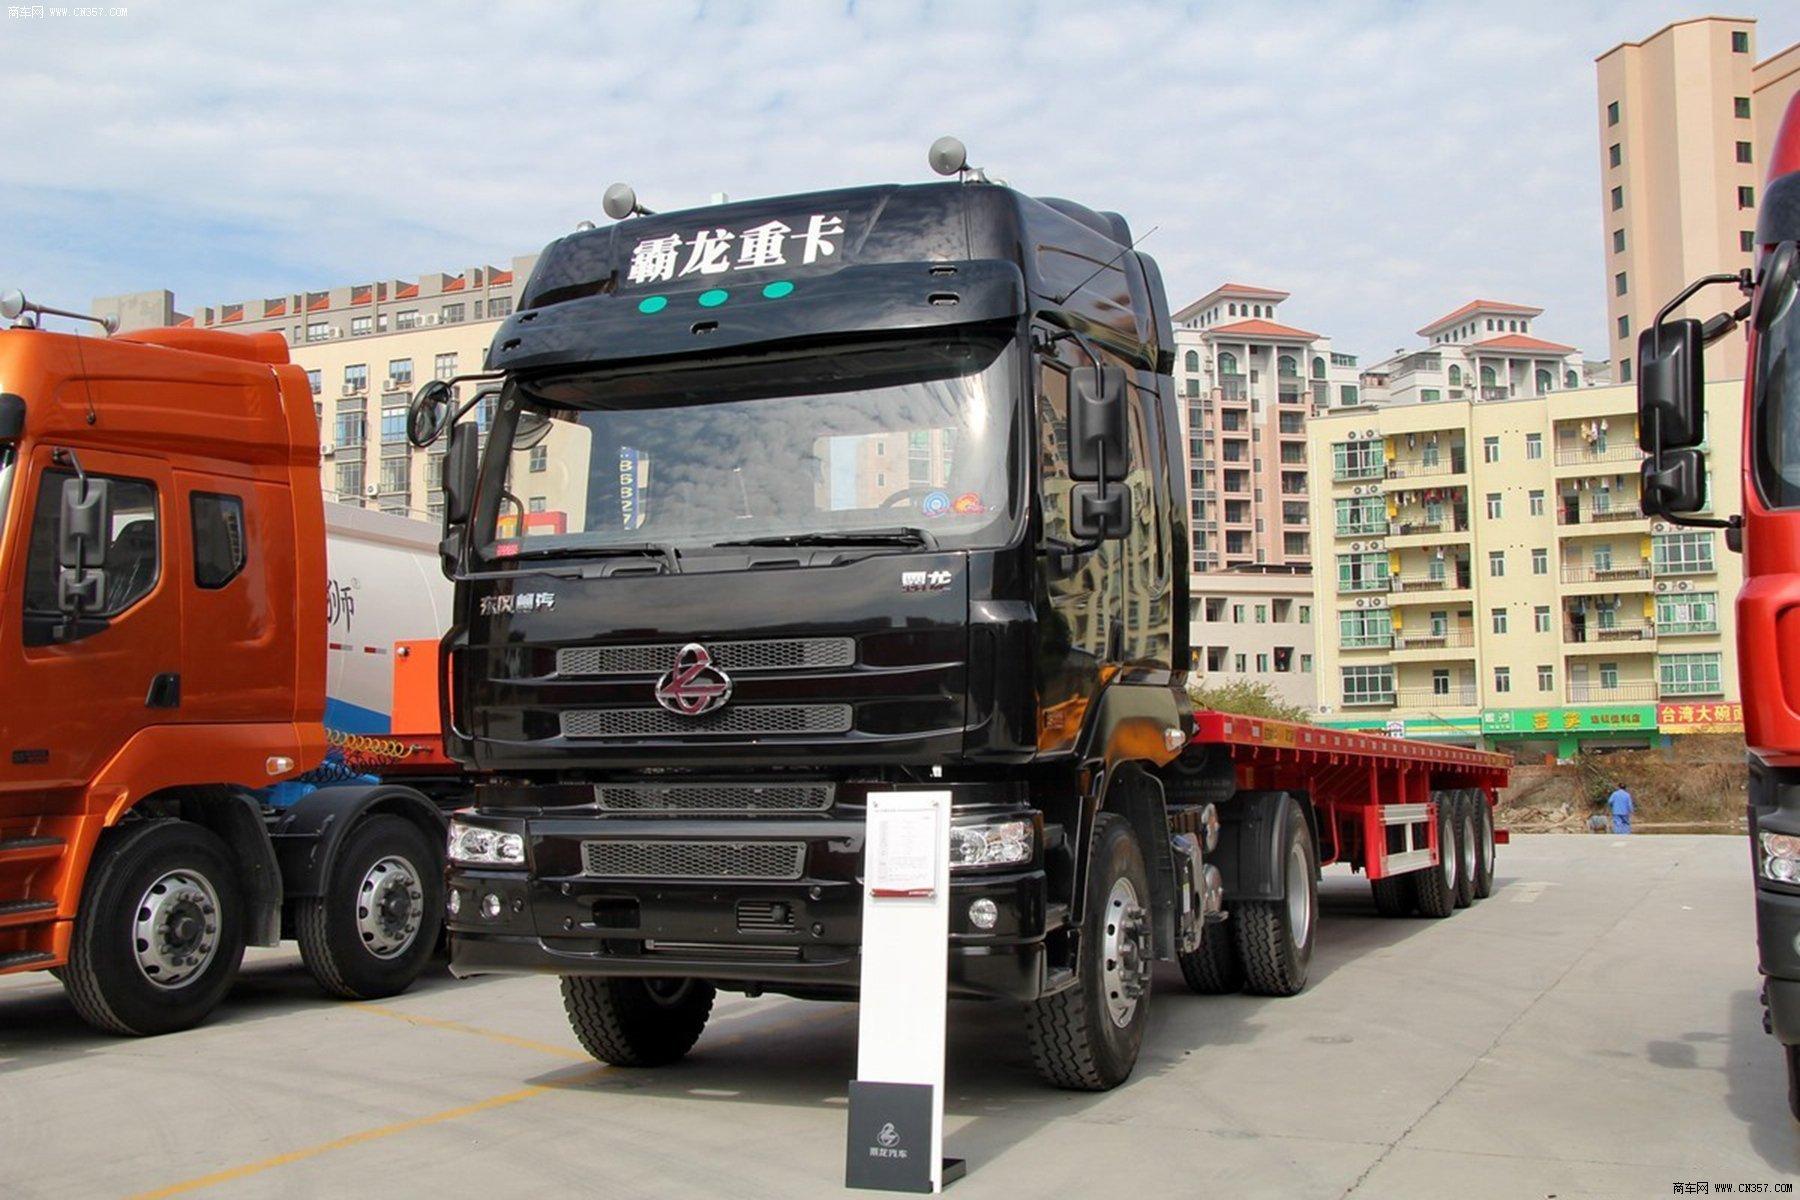 东风柳汽 霸龙m5 重卡 400马力 4×2 牵引车 lz4180m5aa